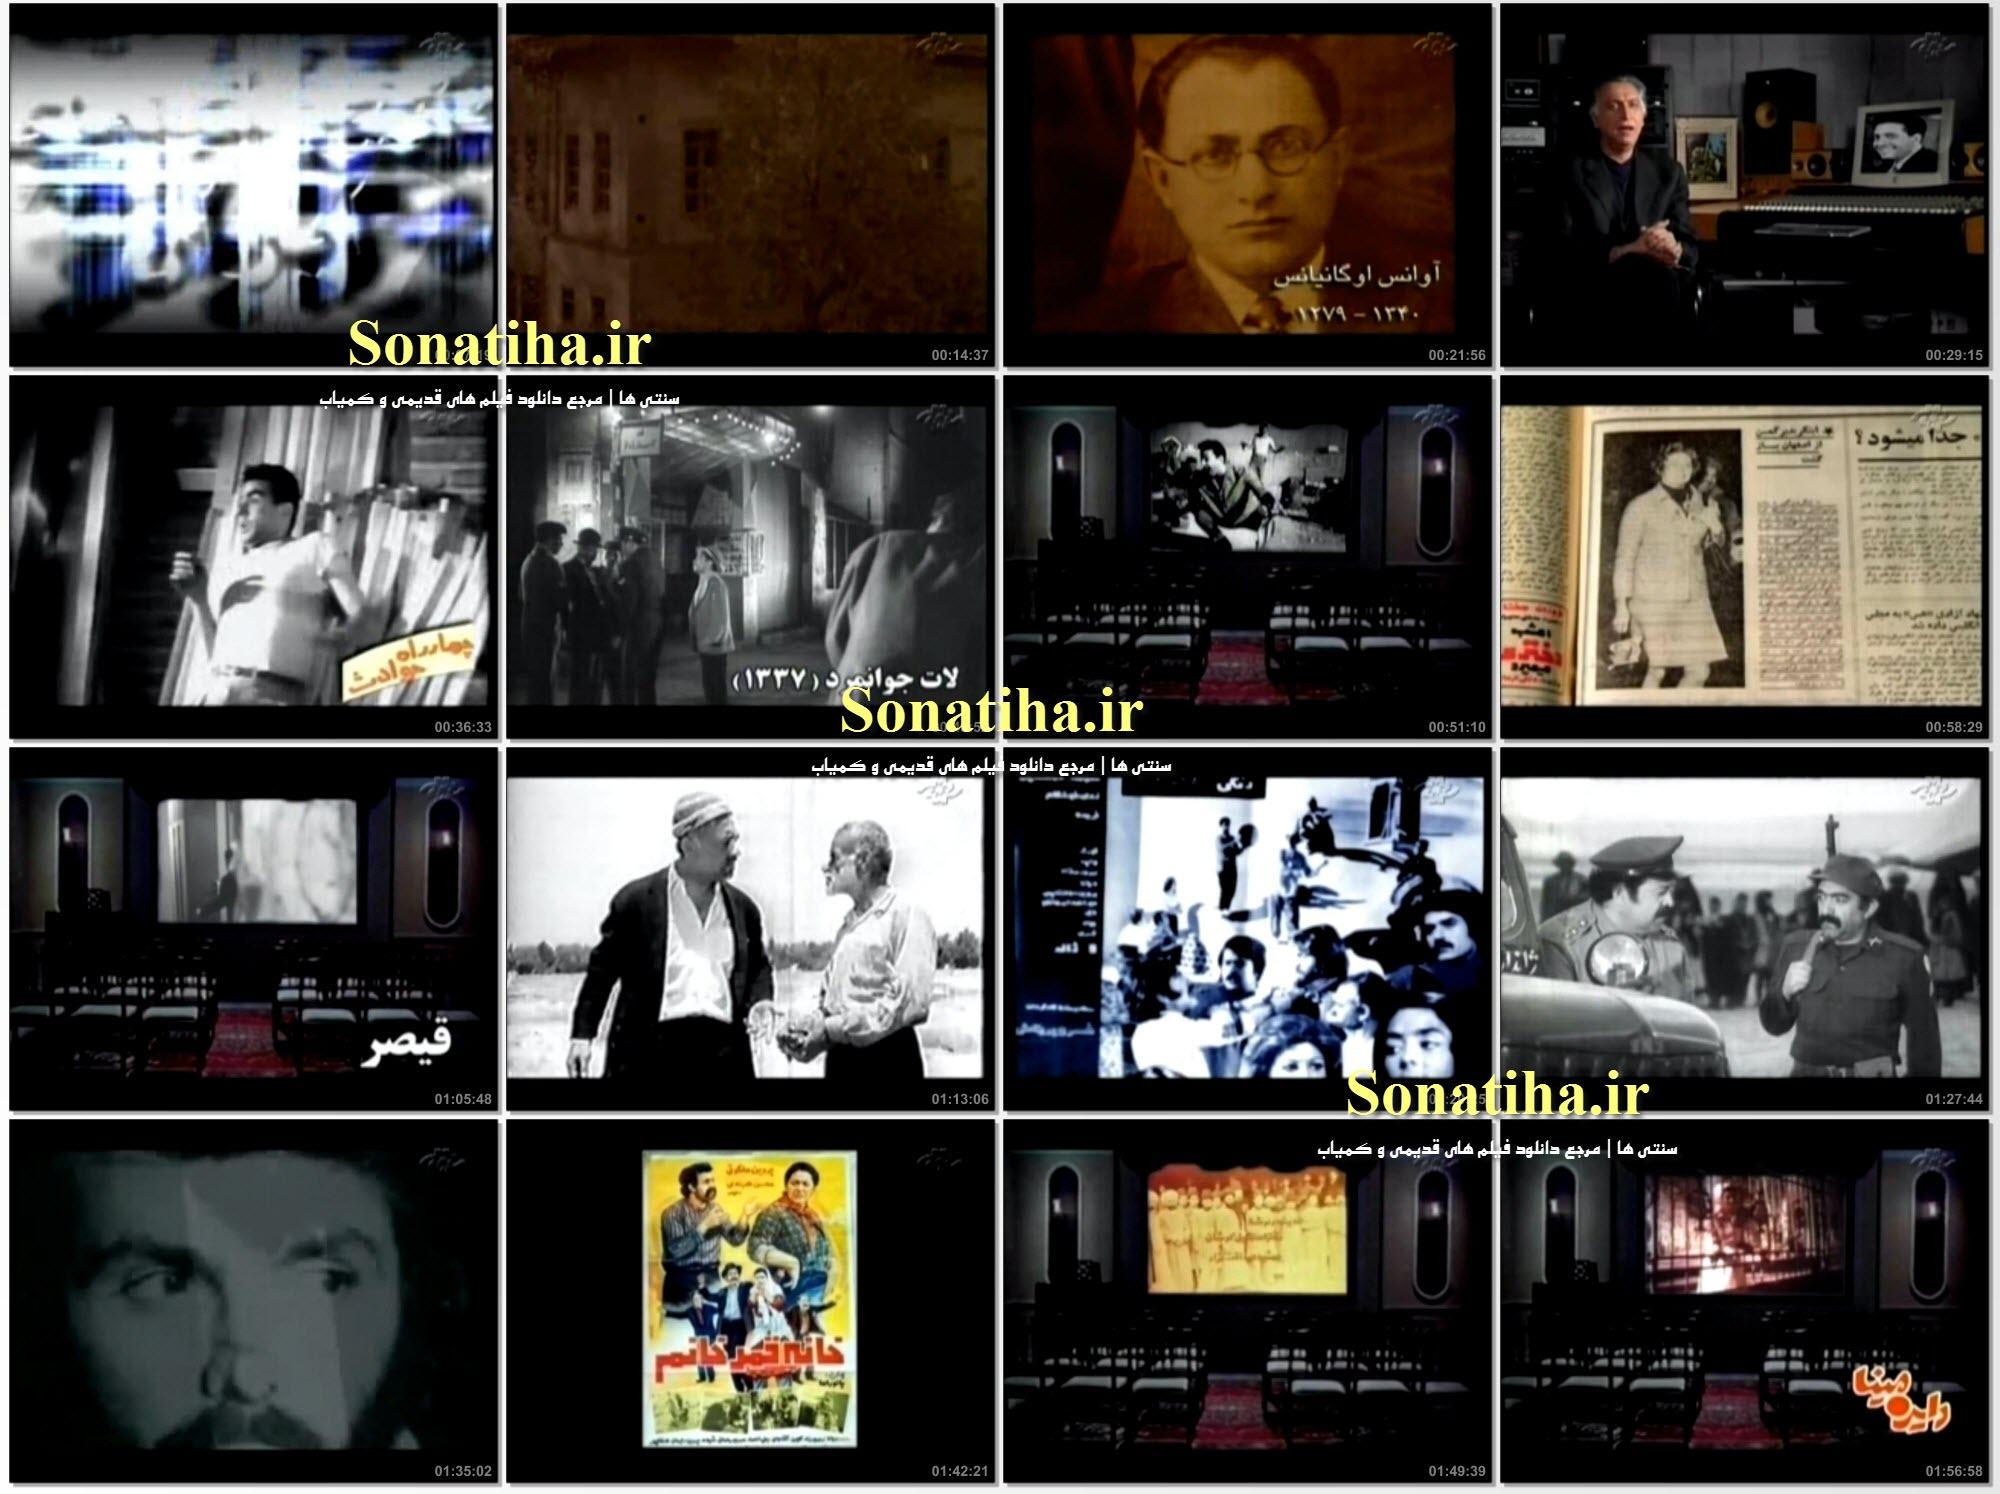 تصاویری از مستند تاریخ سینمای ایران